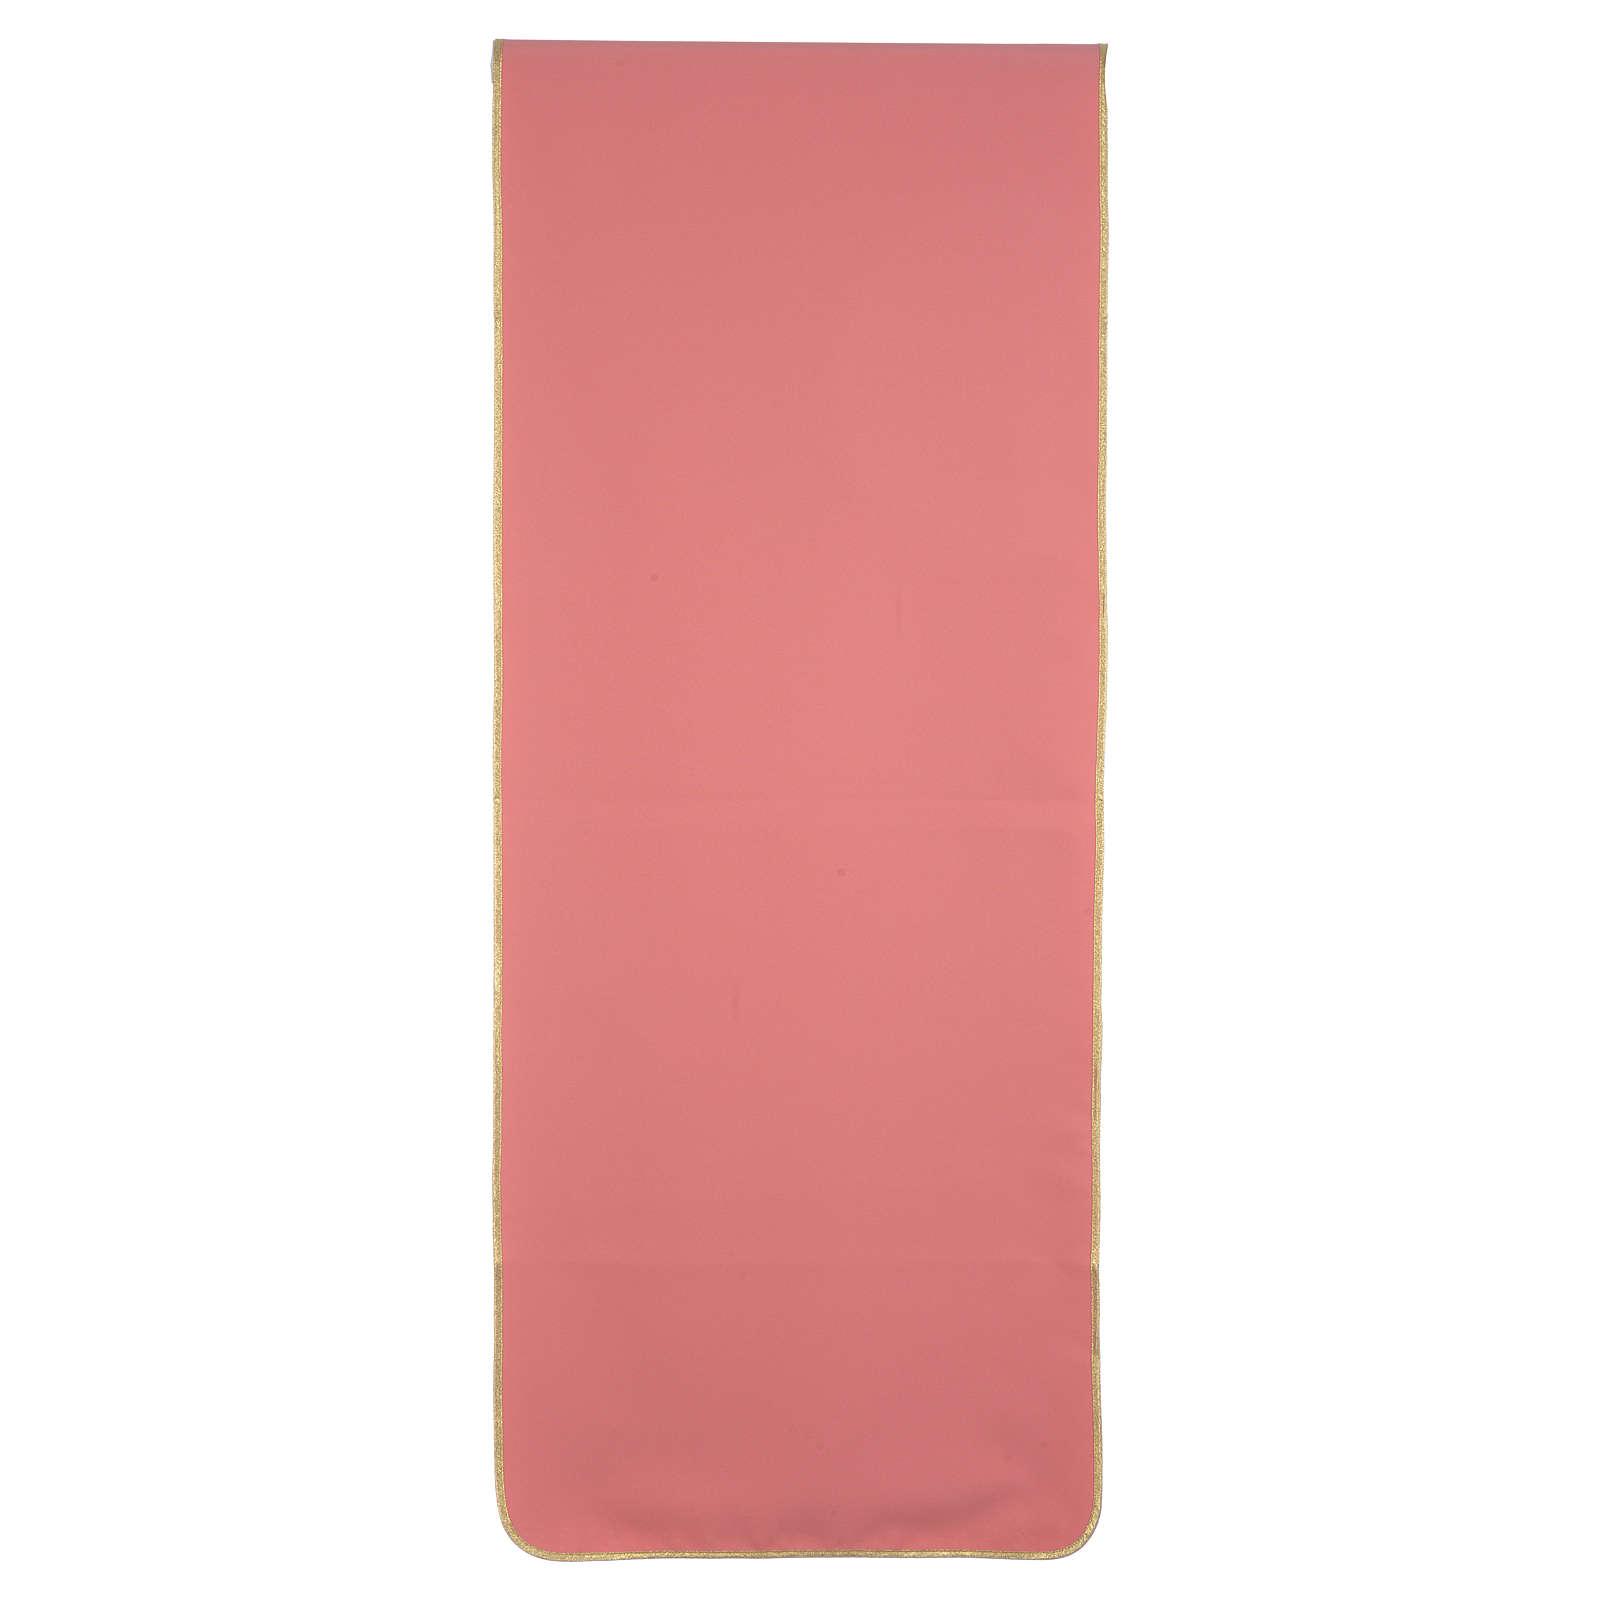 Coprileggio rosa 100% poliestere croce spighe 4